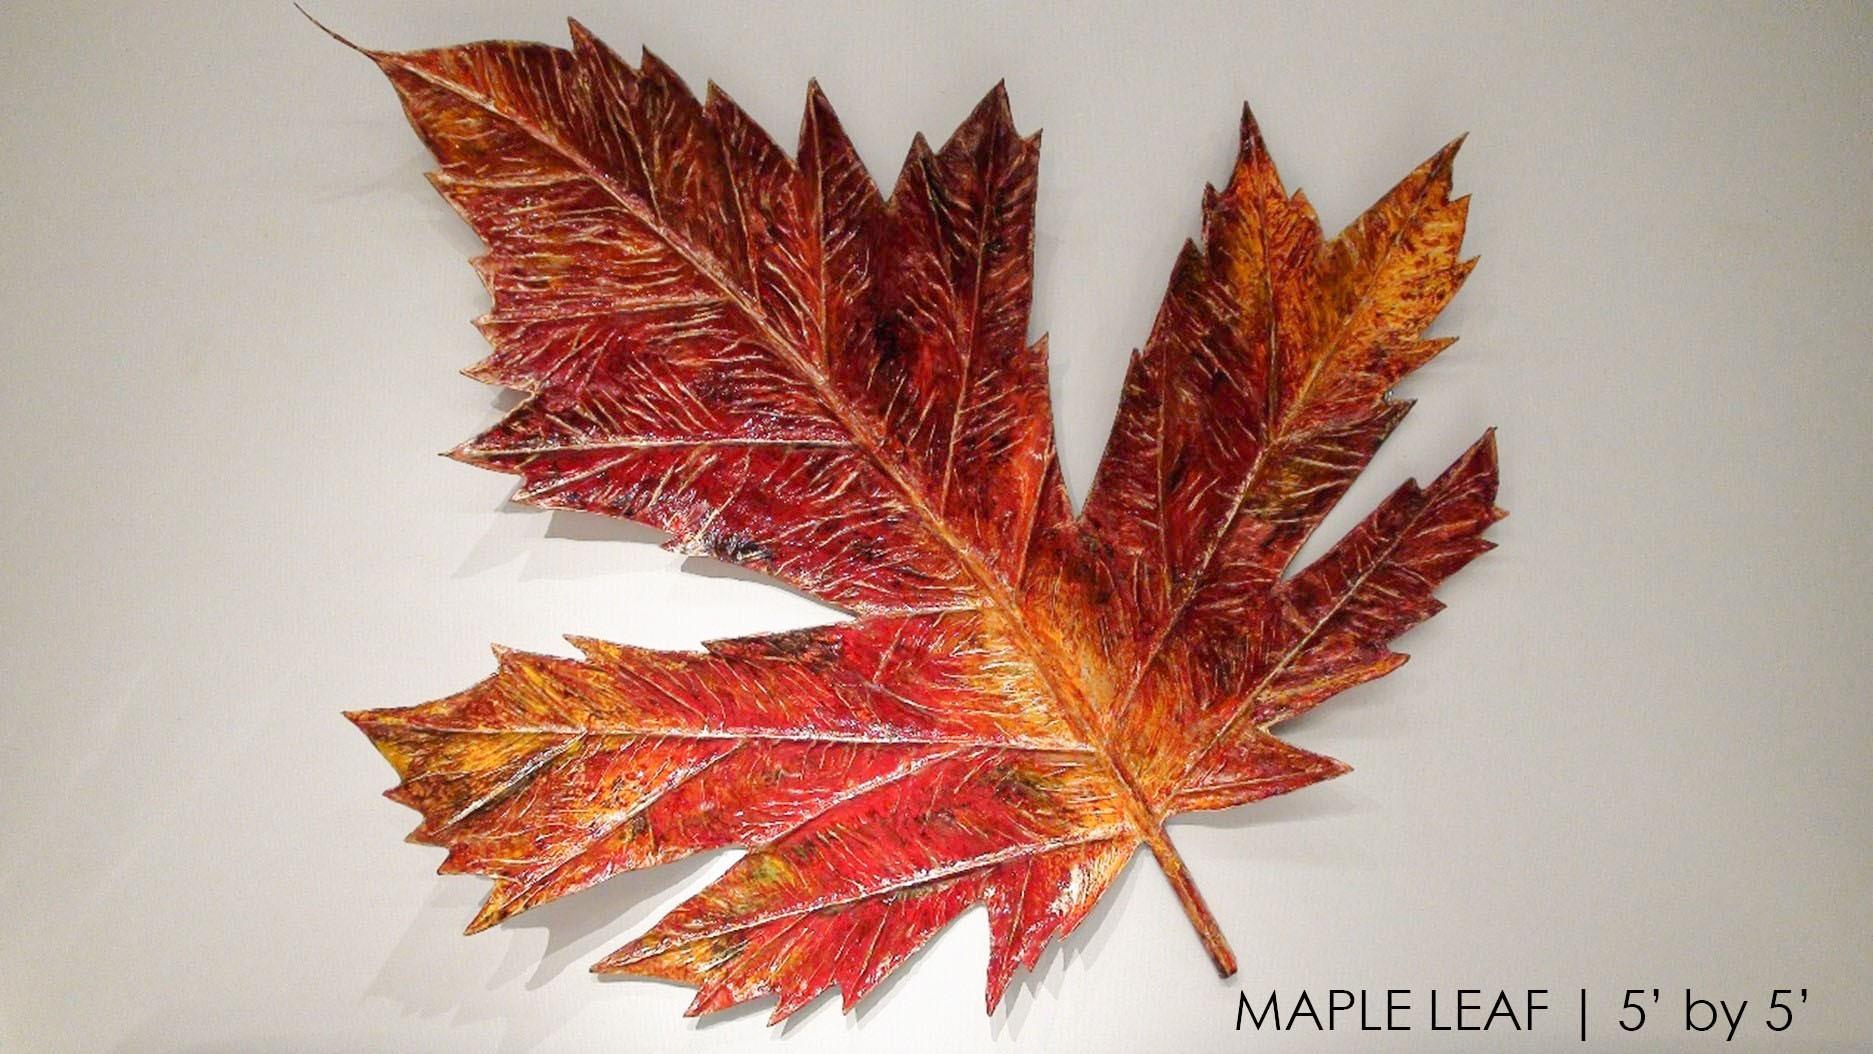 Prem Maple Leaf 2 Original Mixed Media Wall hang Sculpture 60x60